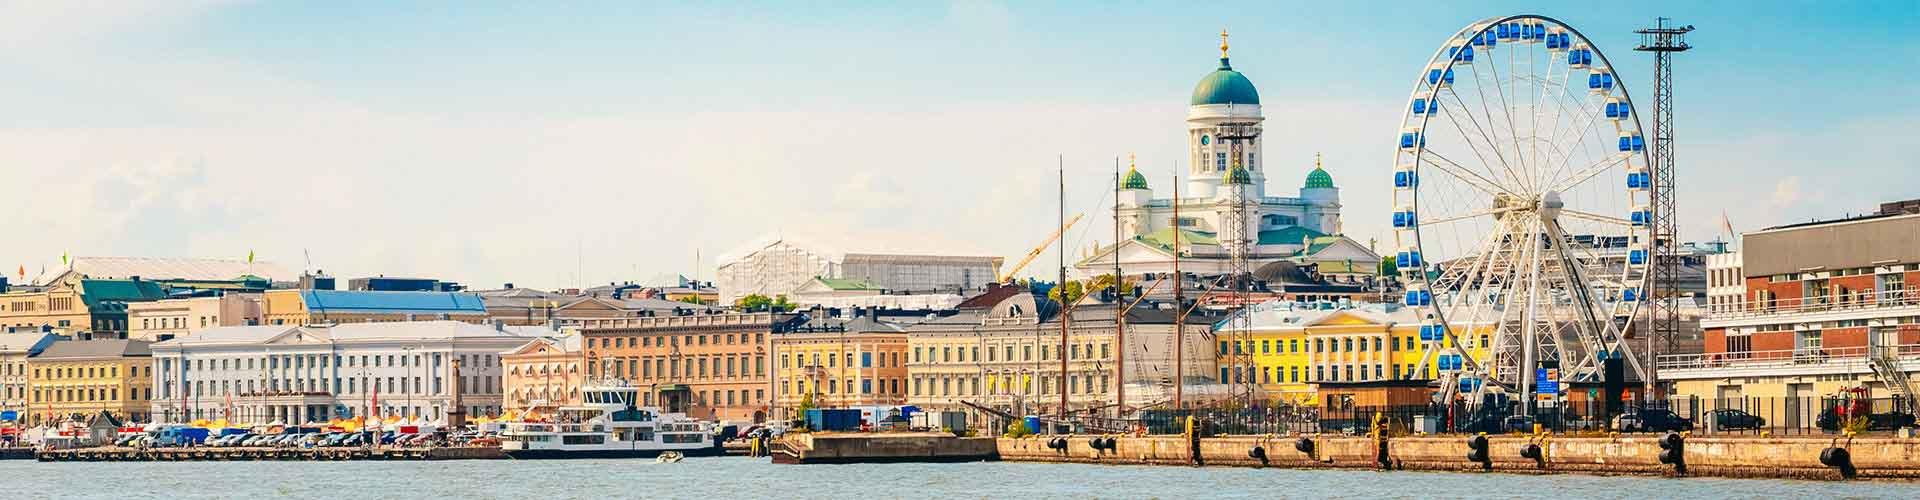 Helsinki - Pokoje w mieście Helsinki, Mapy miasta Helsinki, Zdjęcia i Recenzje dla każdego pokoju w mieście Helsinki.